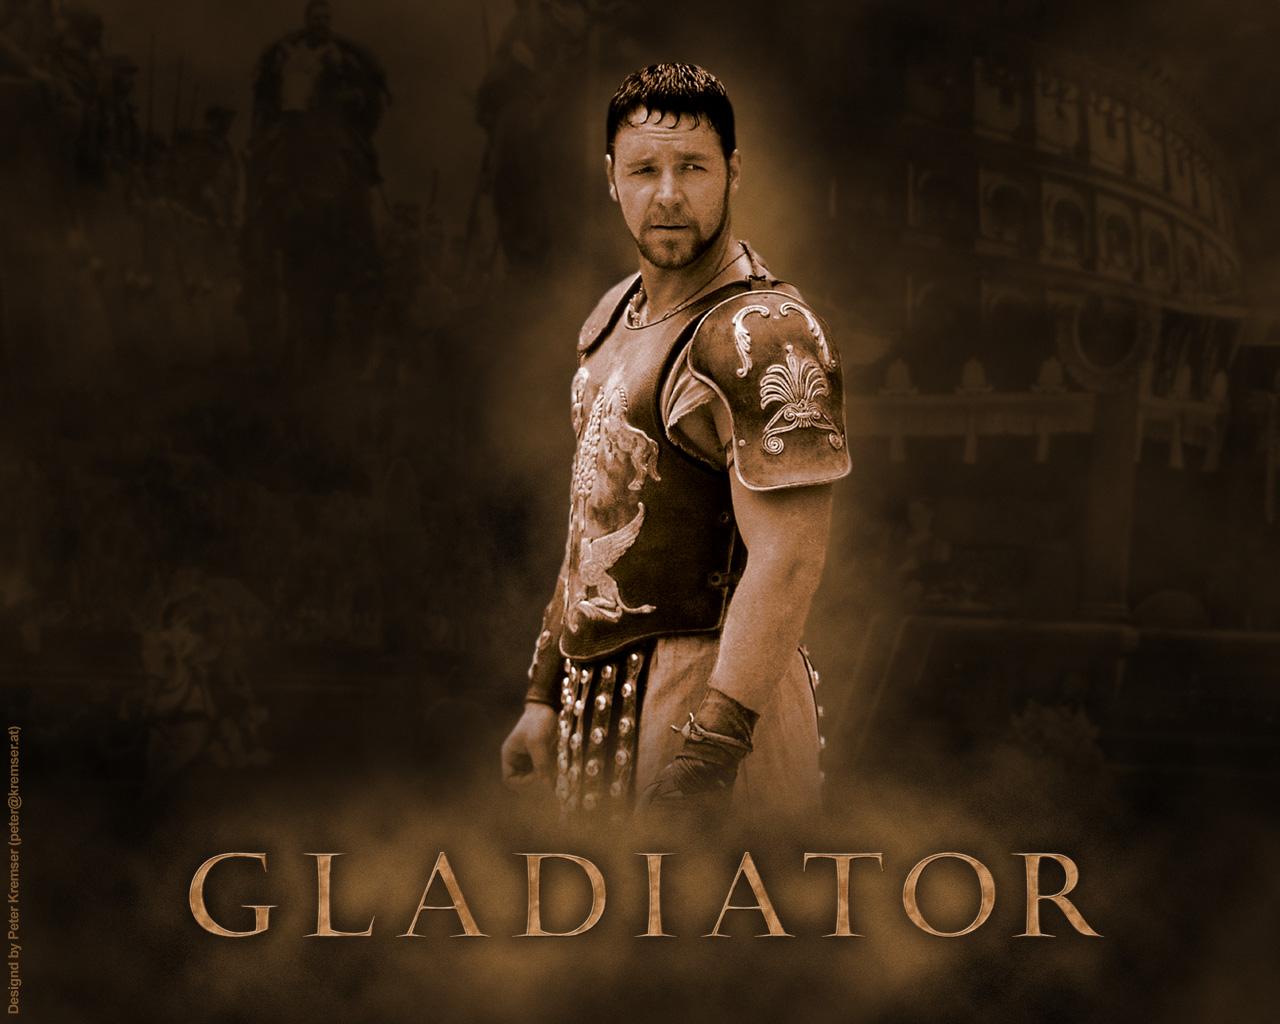 http://1.bp.blogspot.com/_lCd2BFSRTHI/THuLG7uA6nI/AAAAAAAAAGg/702Yl96Aqf8/s1600/115206-maximus_gladiator.jpg